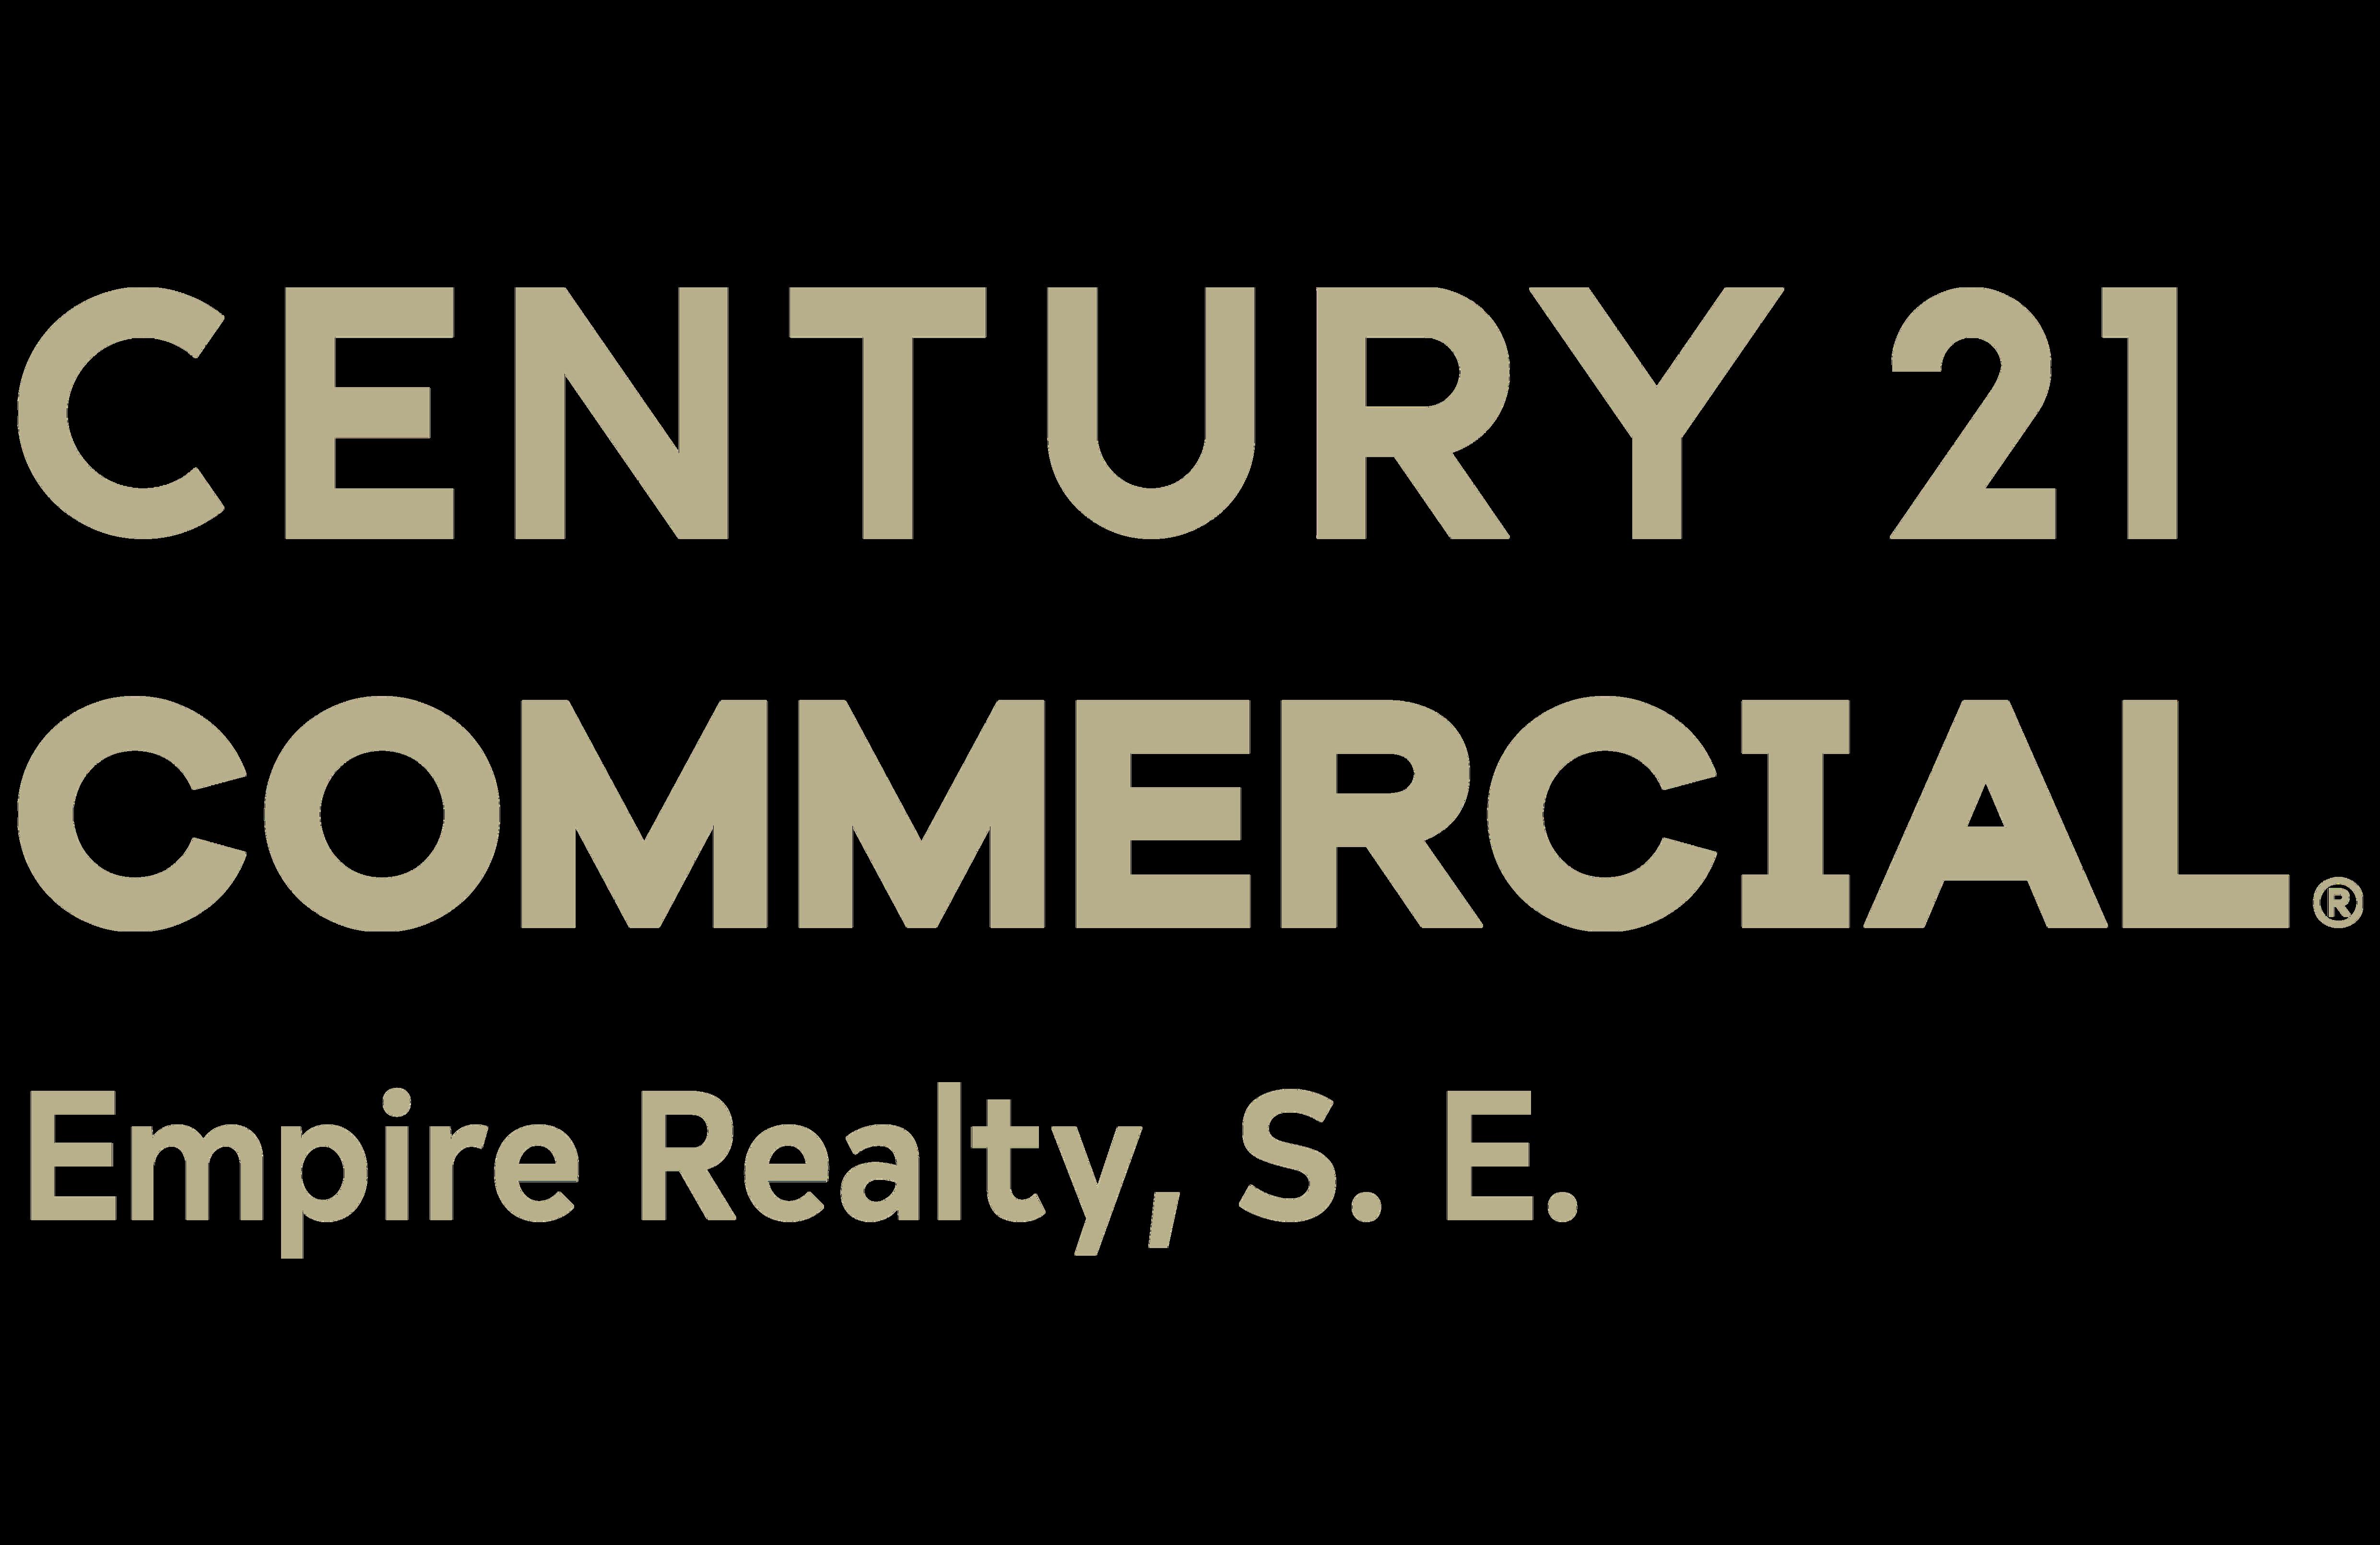 CENTURY 21 Empire Realty, S. E.